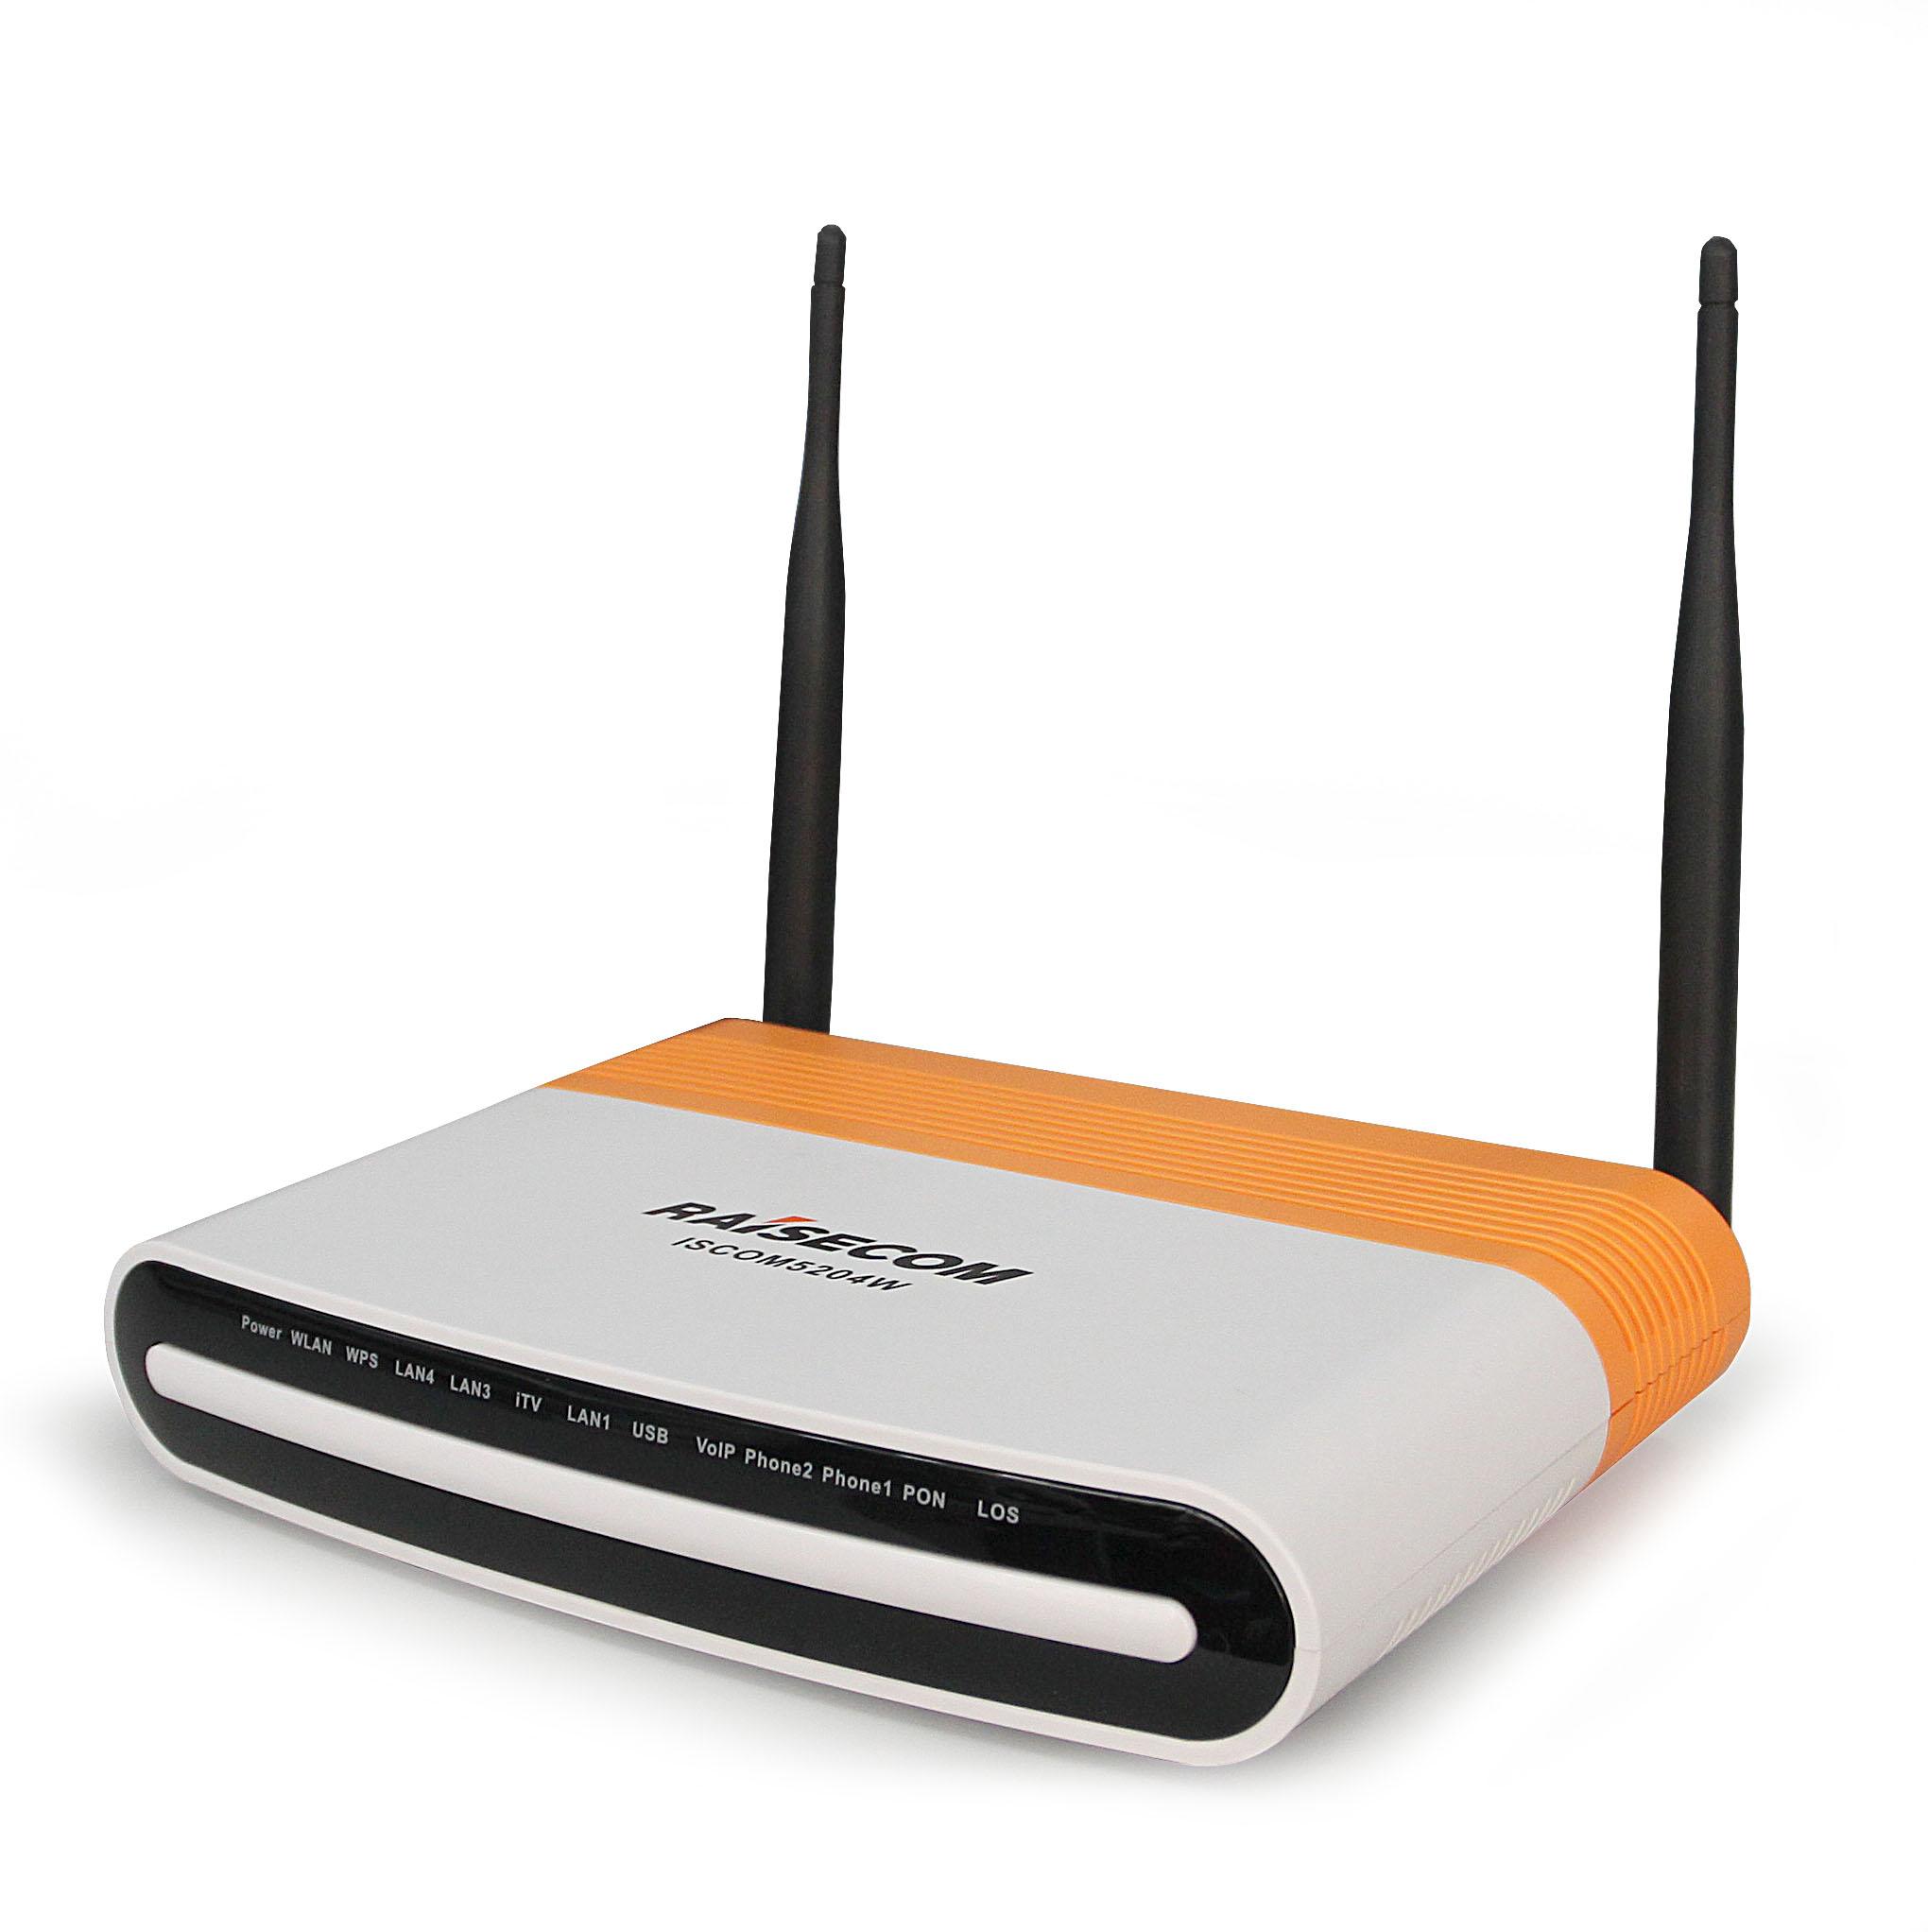 Salumanus: ONU z routerem Wireless-N